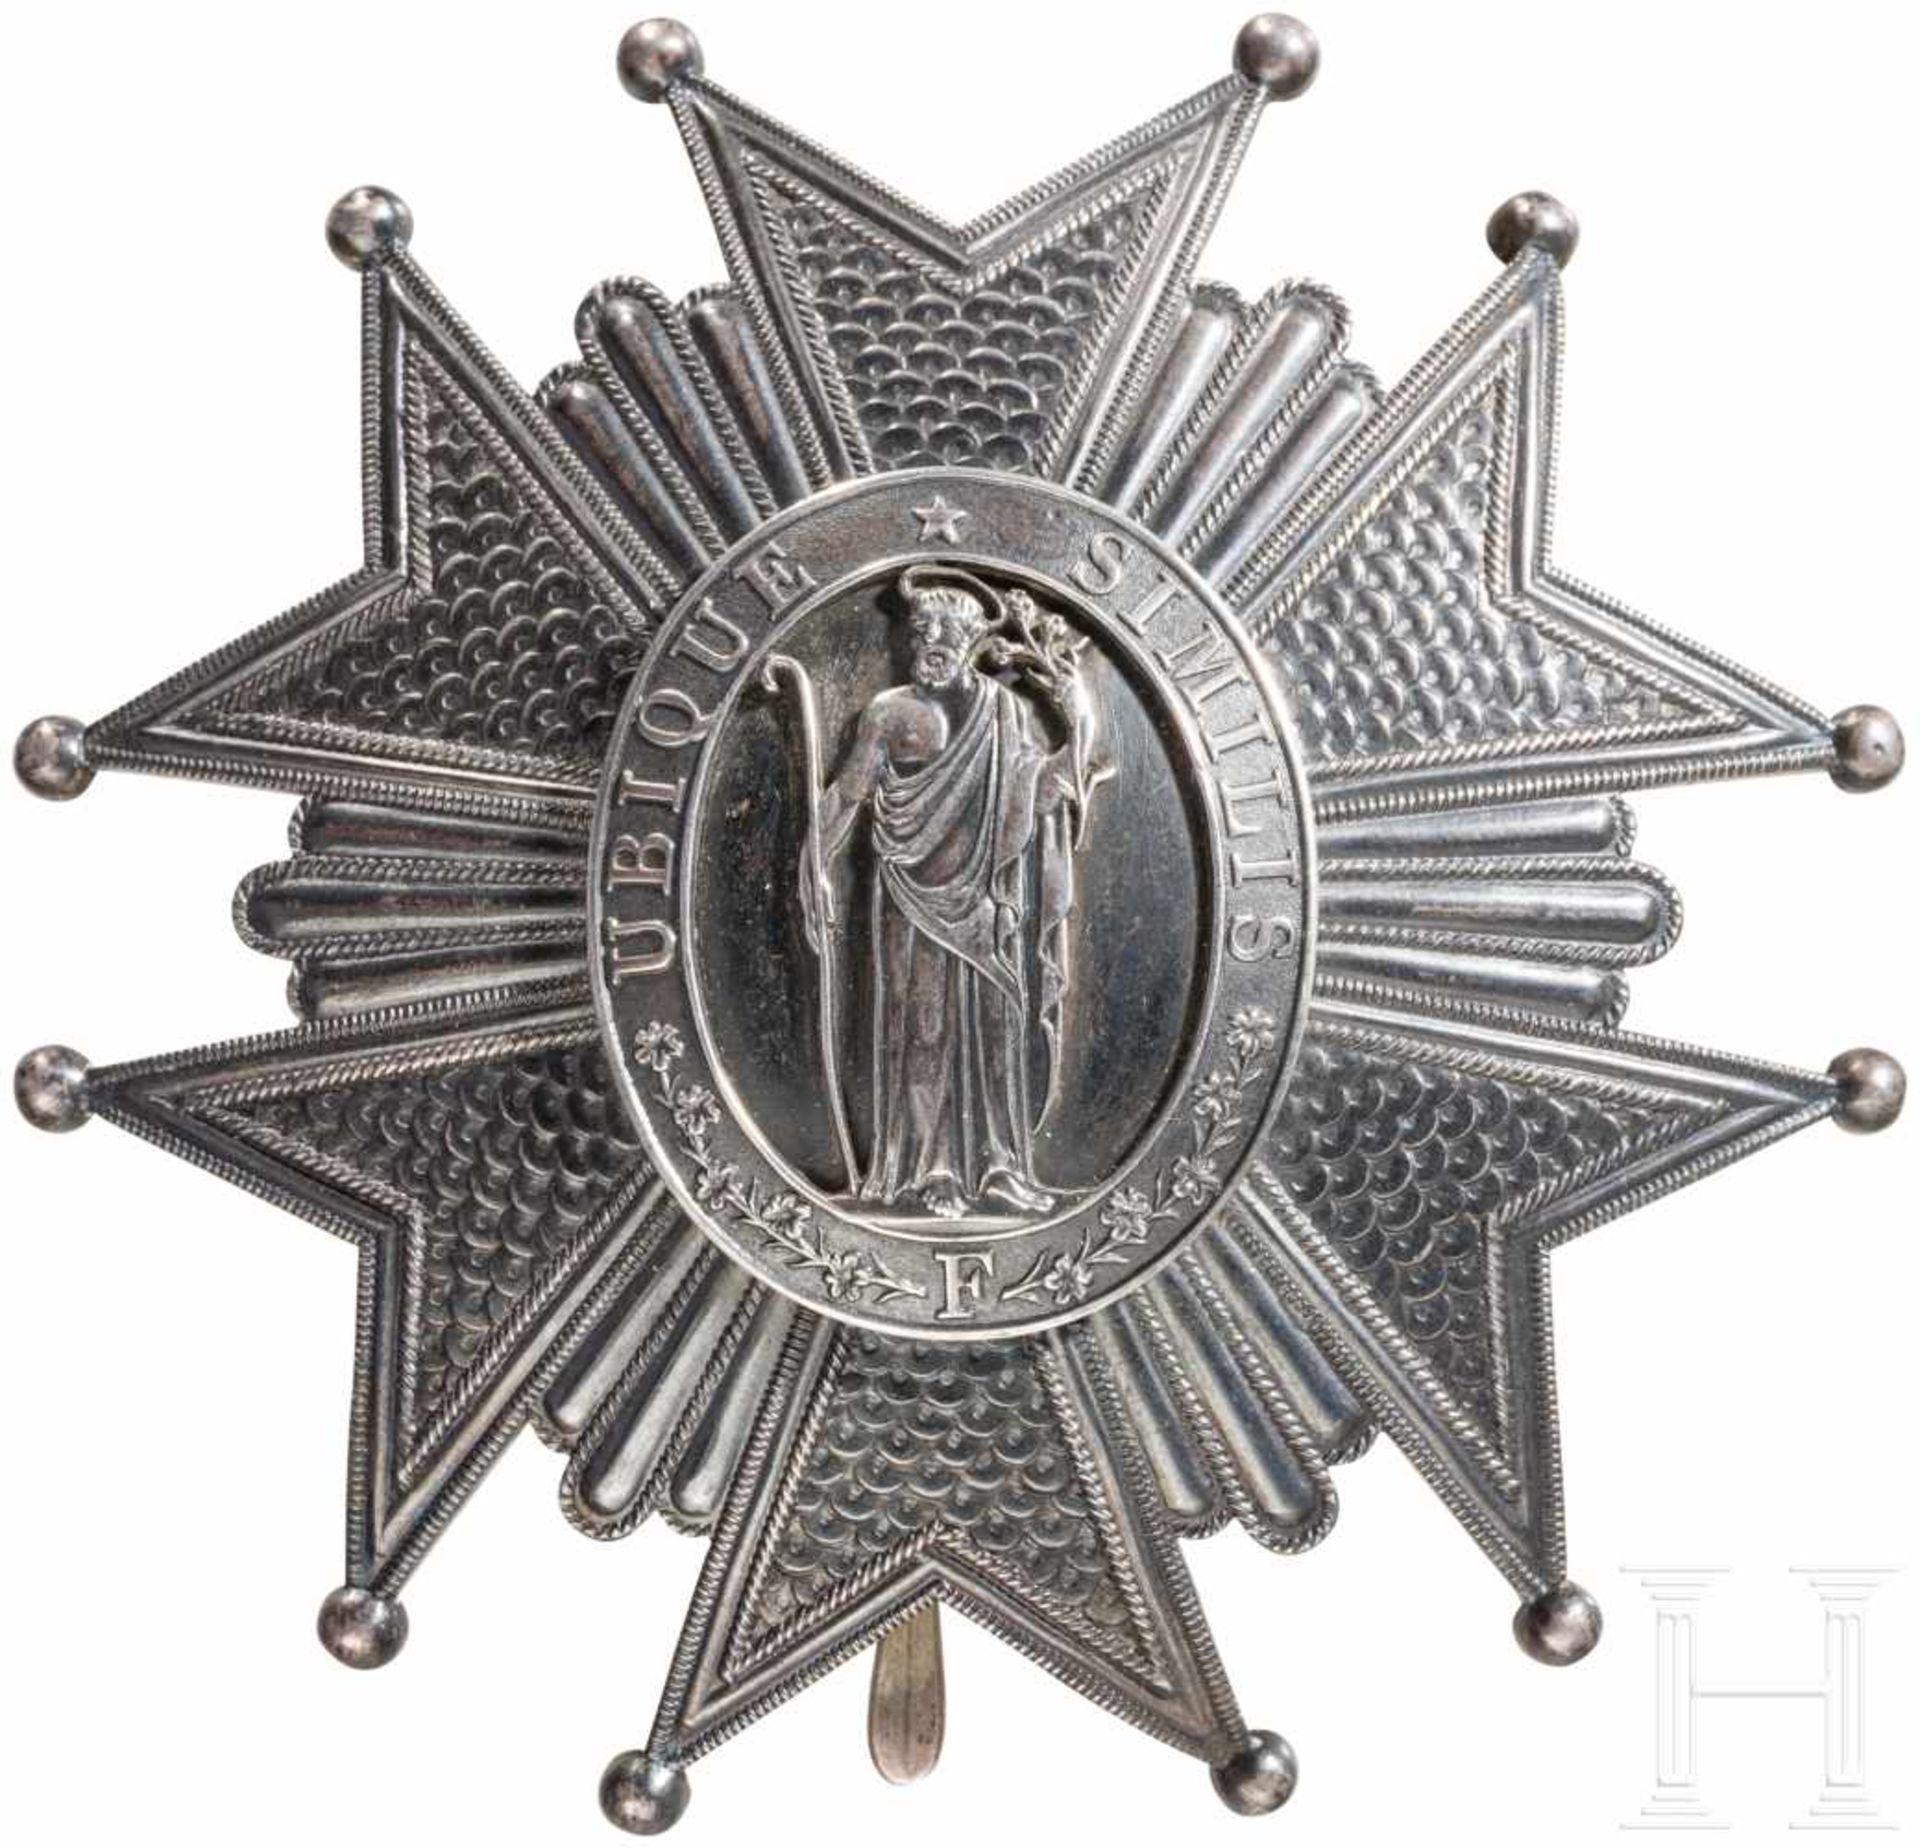 Los 3866 - Verdienstorden vom Hl. Joseph, Toskana, Bruststern zum Großkreuz, frz. Fertigung von Lemaitre,...